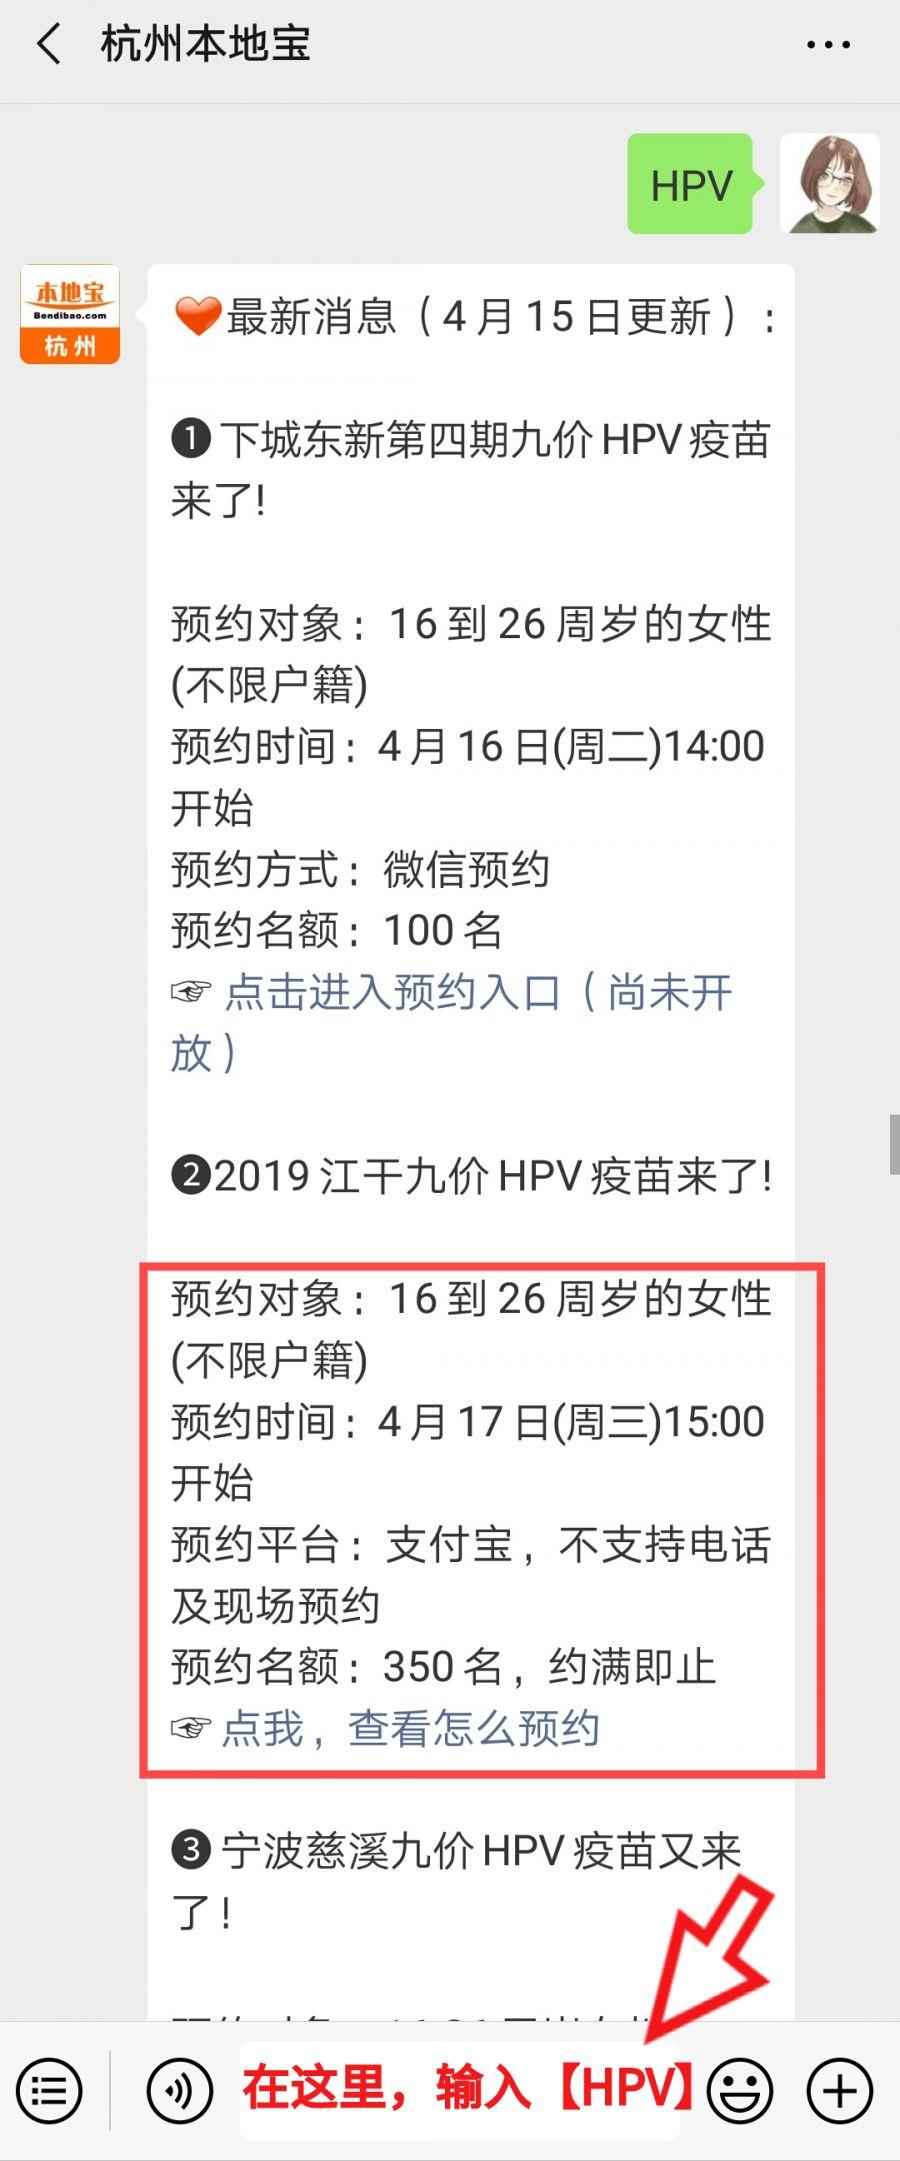 杭州江干九价HPV疫苗预约时间、方式、入口